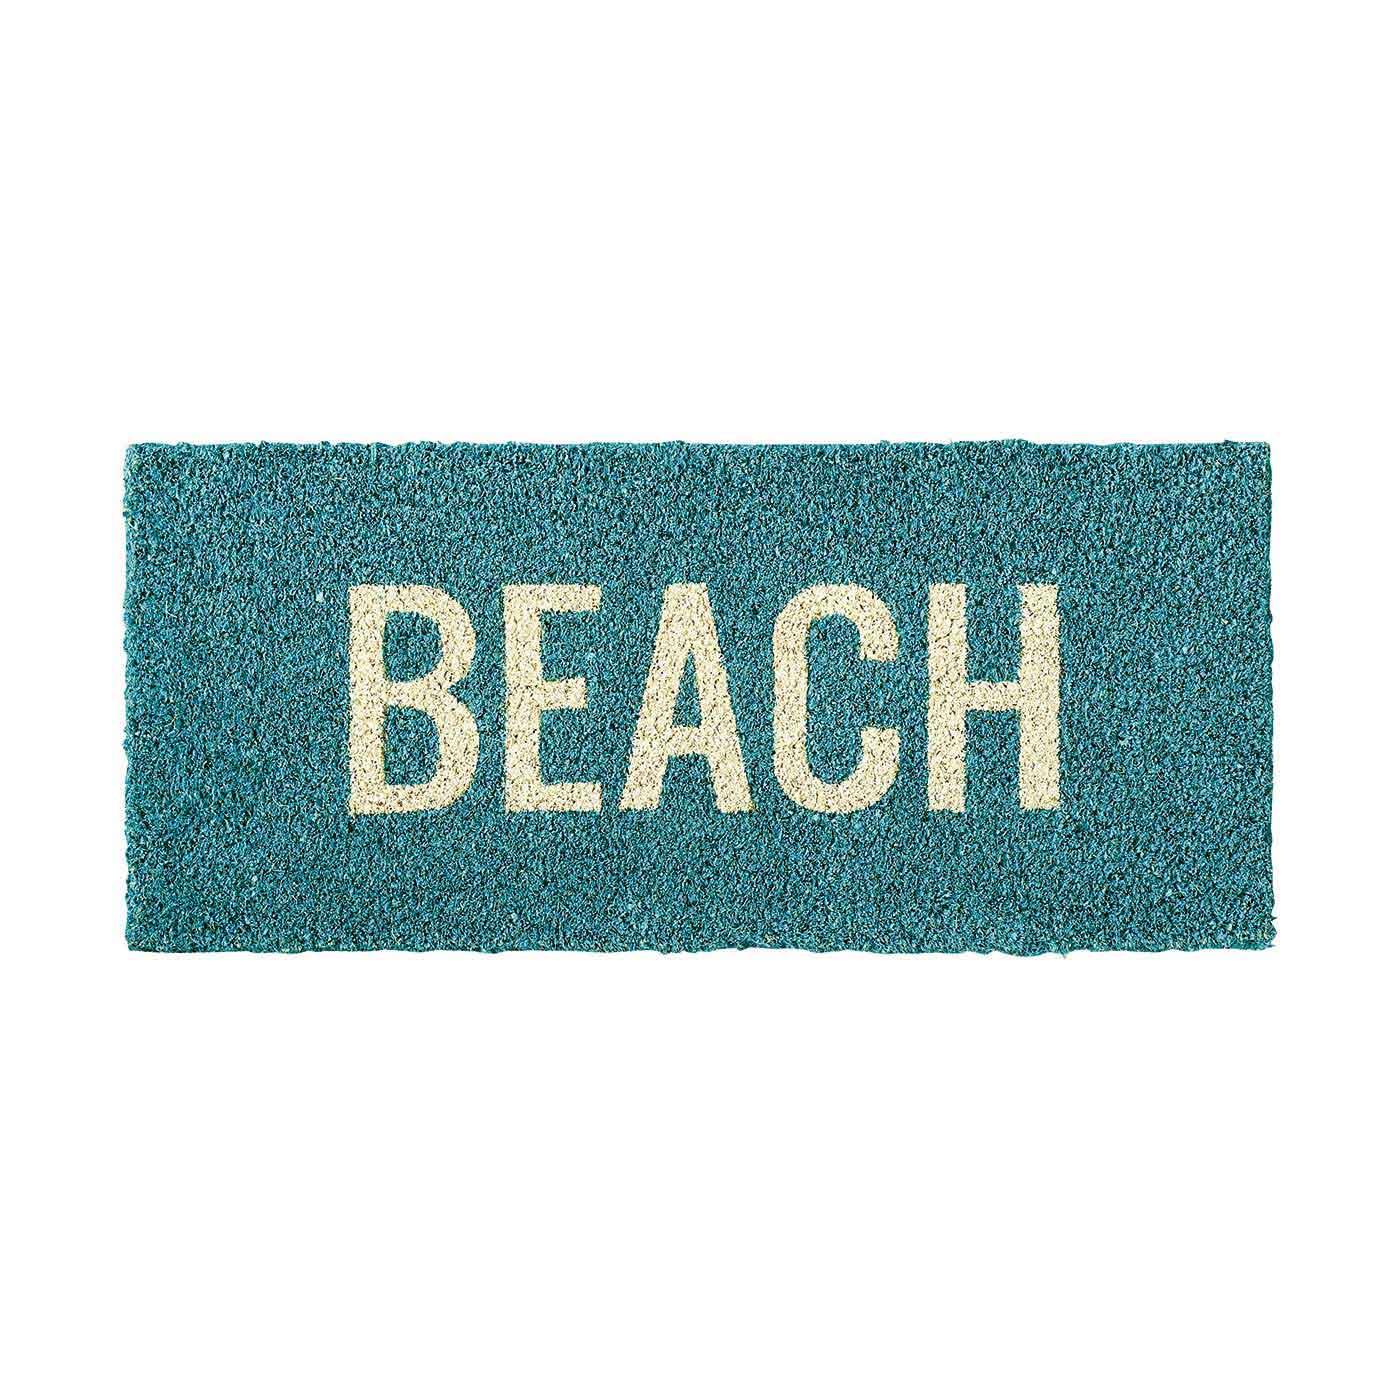 海のようなブルーカラーがさわやか。硬いココヤシ繊維は、砂や泥などの汚れを落としてくれます。